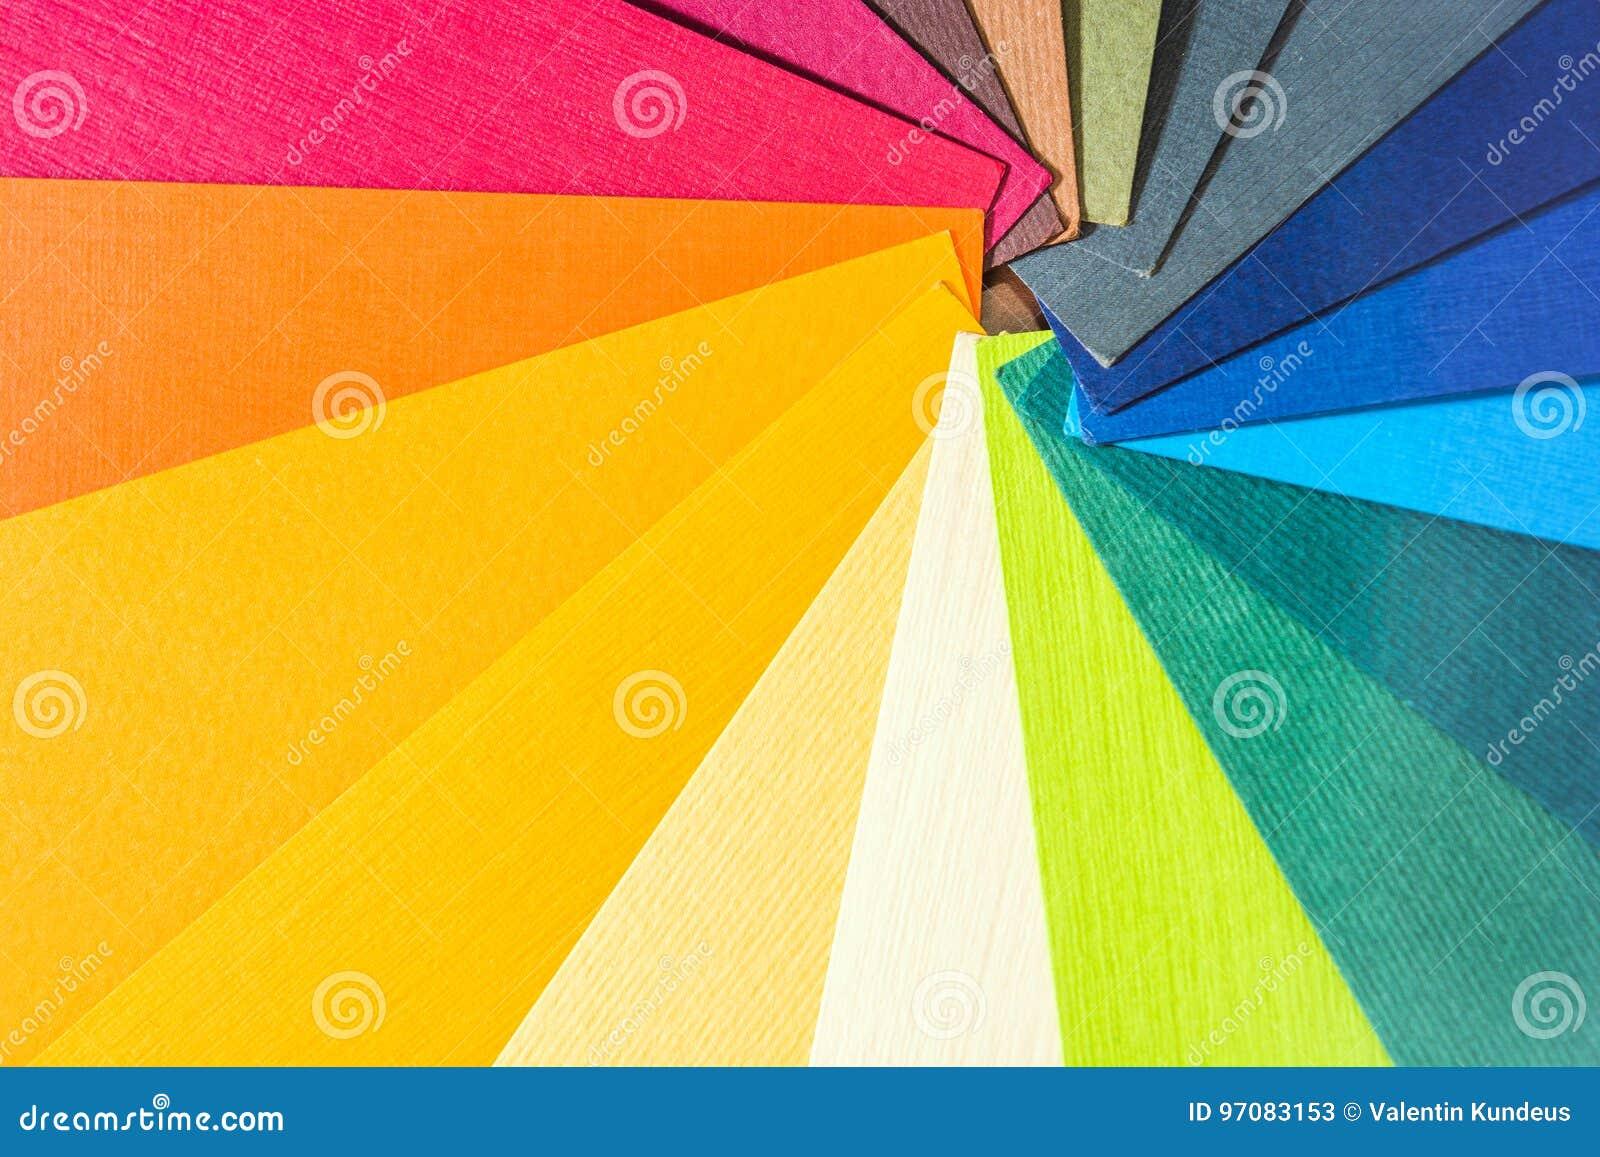 Abbildung auf Schwarzem Farbiges strukturiertes Papier probiert Musterkatalog Helle und saftige Regenbogenfarben Schöner abstrakt